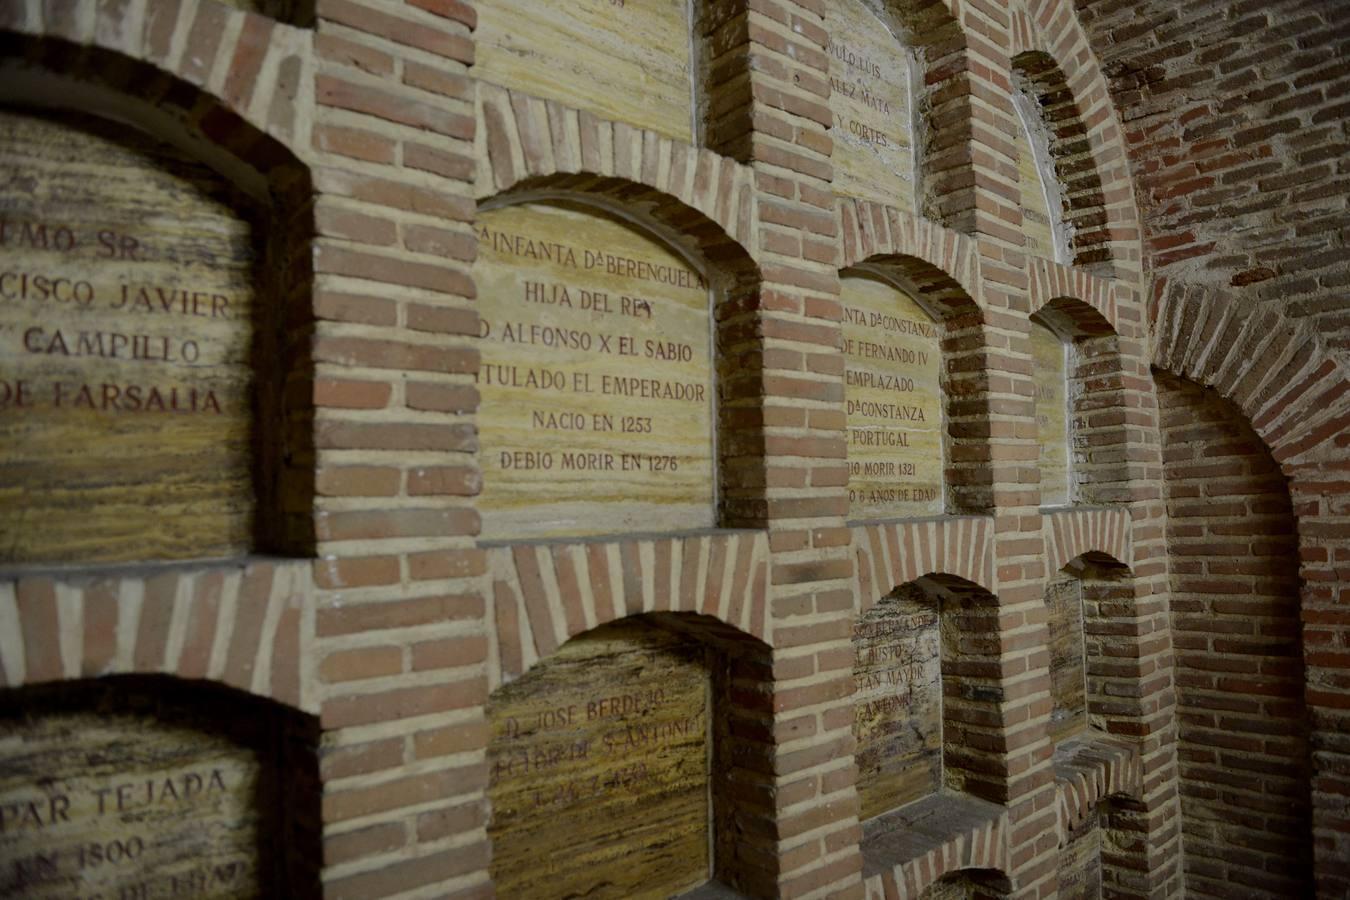 El interior de la iglesia de San Antonio de los Alemanes, en imágenes